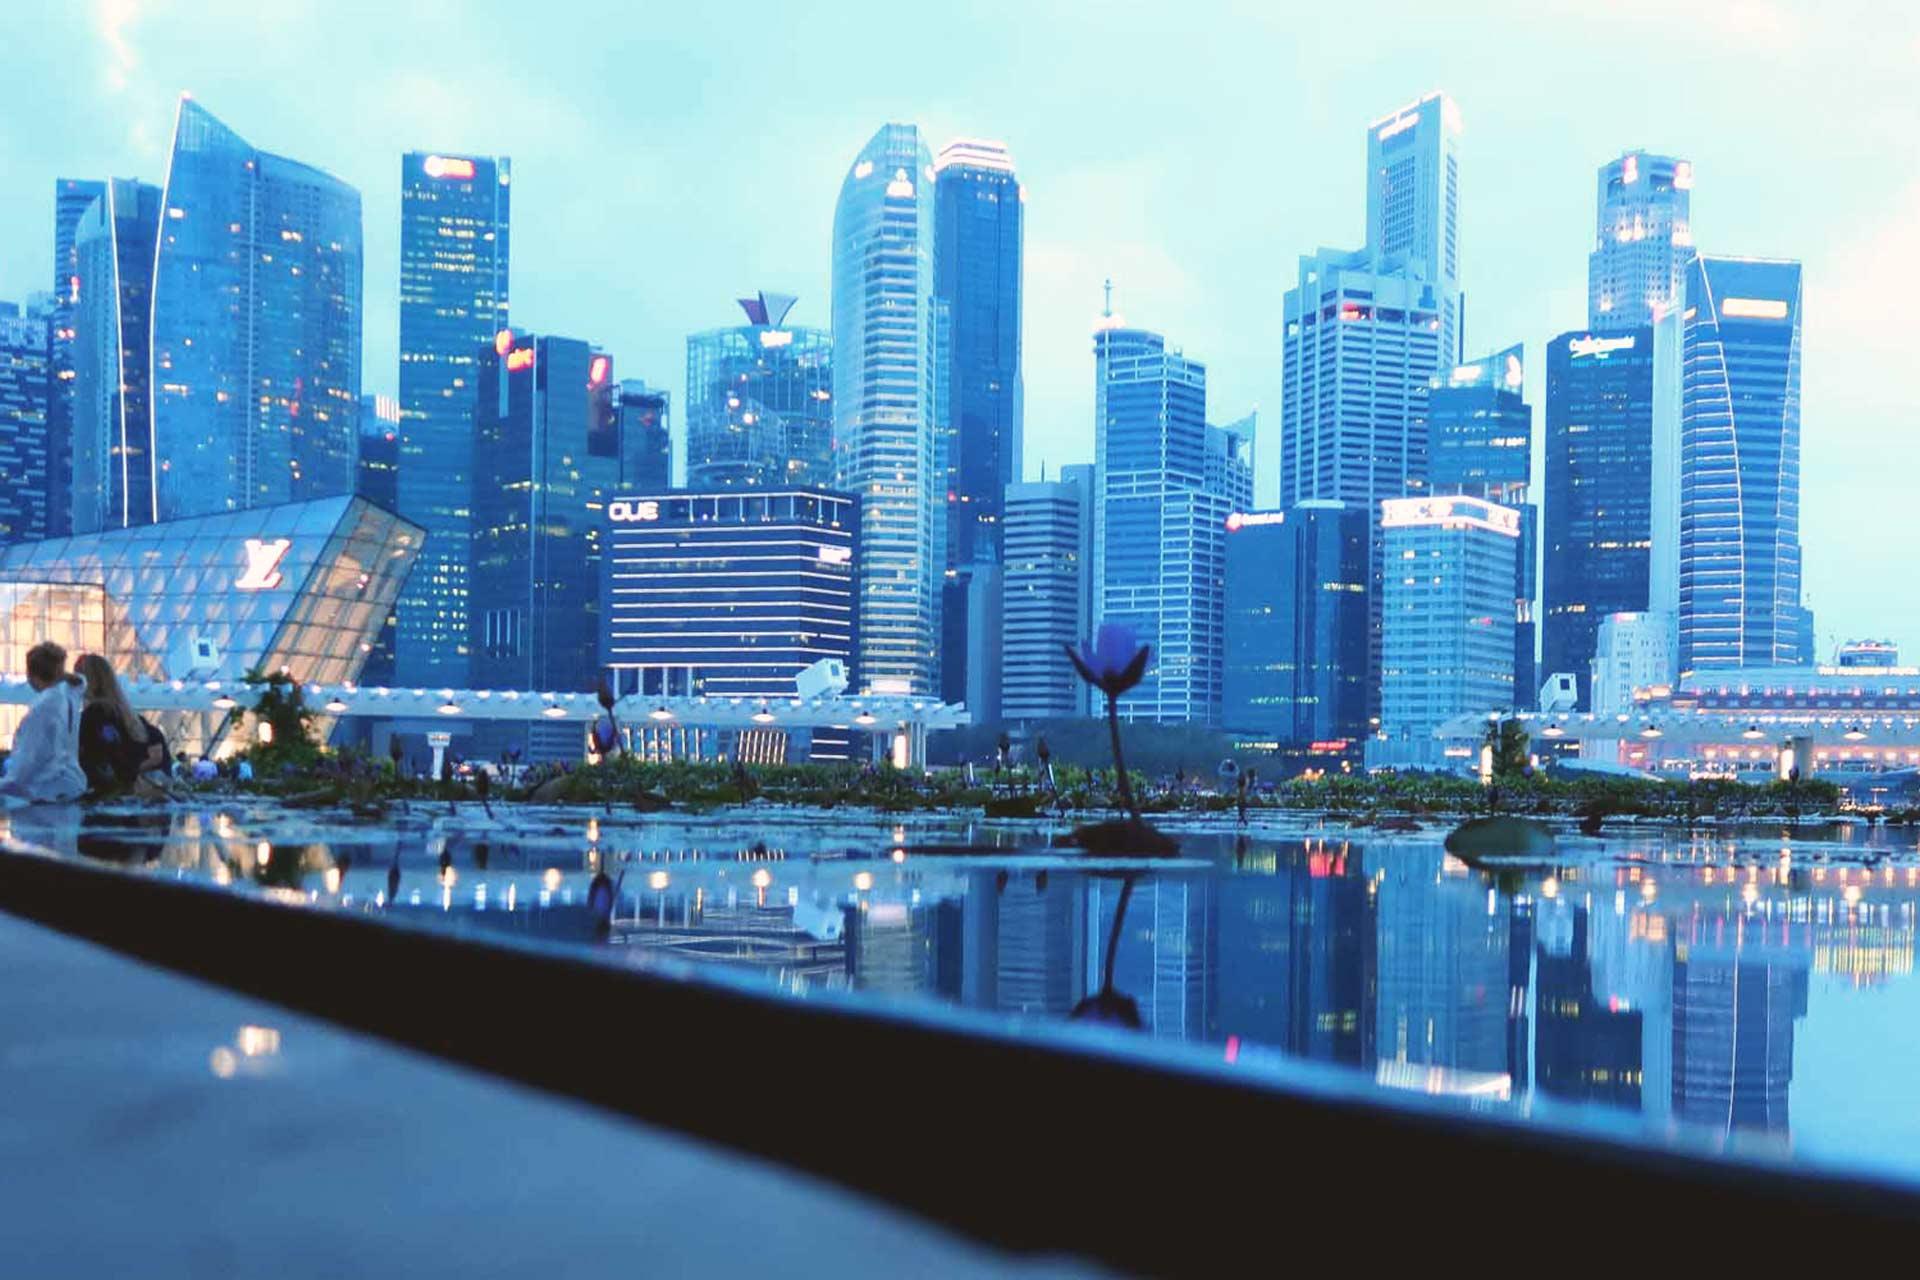 Reiseland Singapur Marina Bay Sands bei Nacht